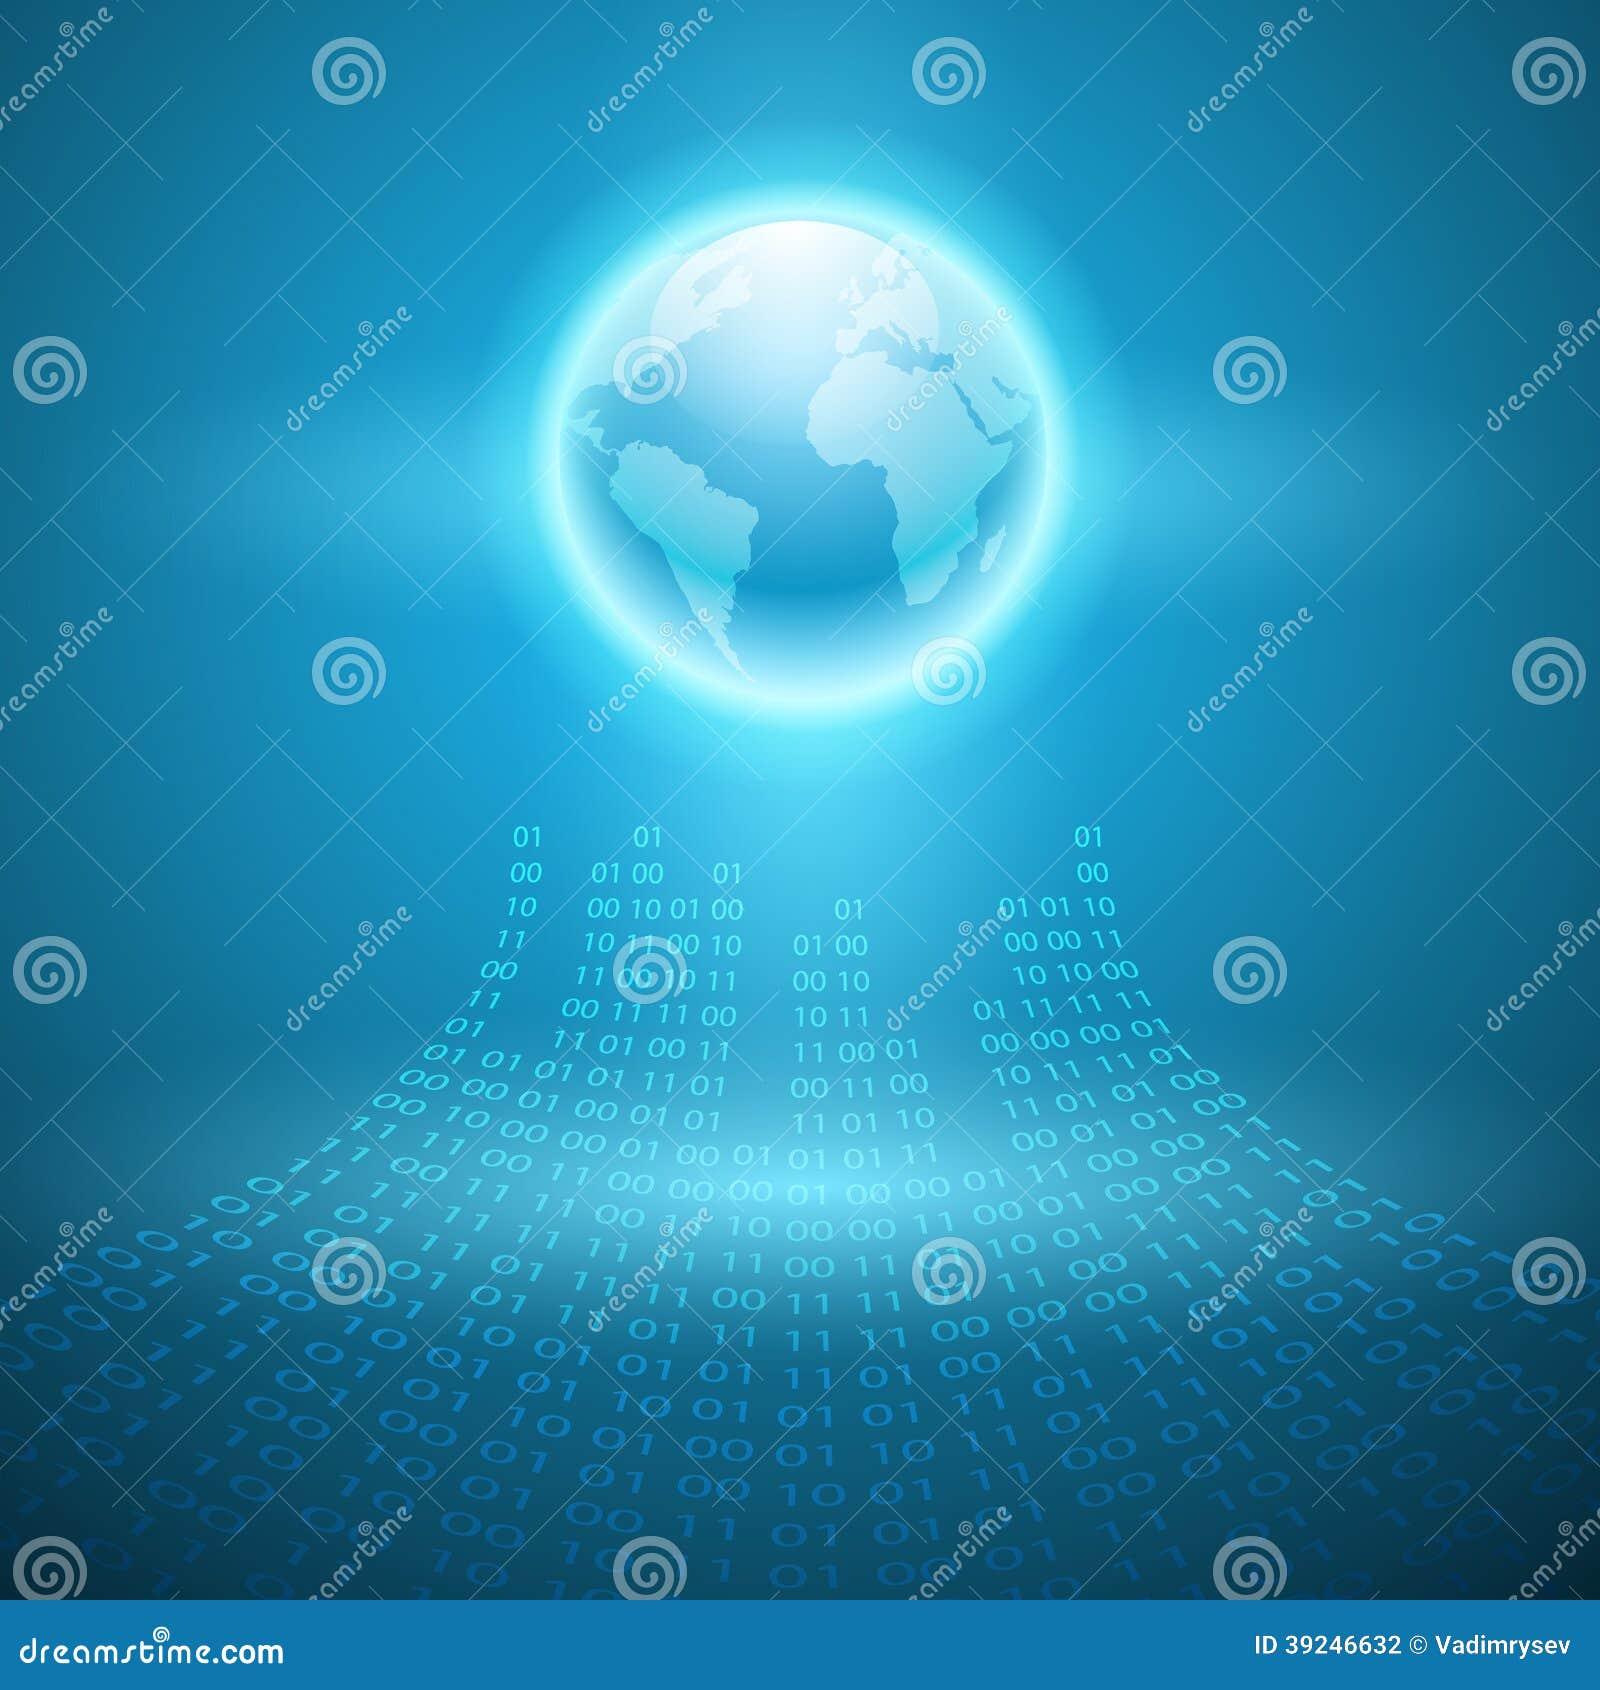 Stream of binary code to the globe.